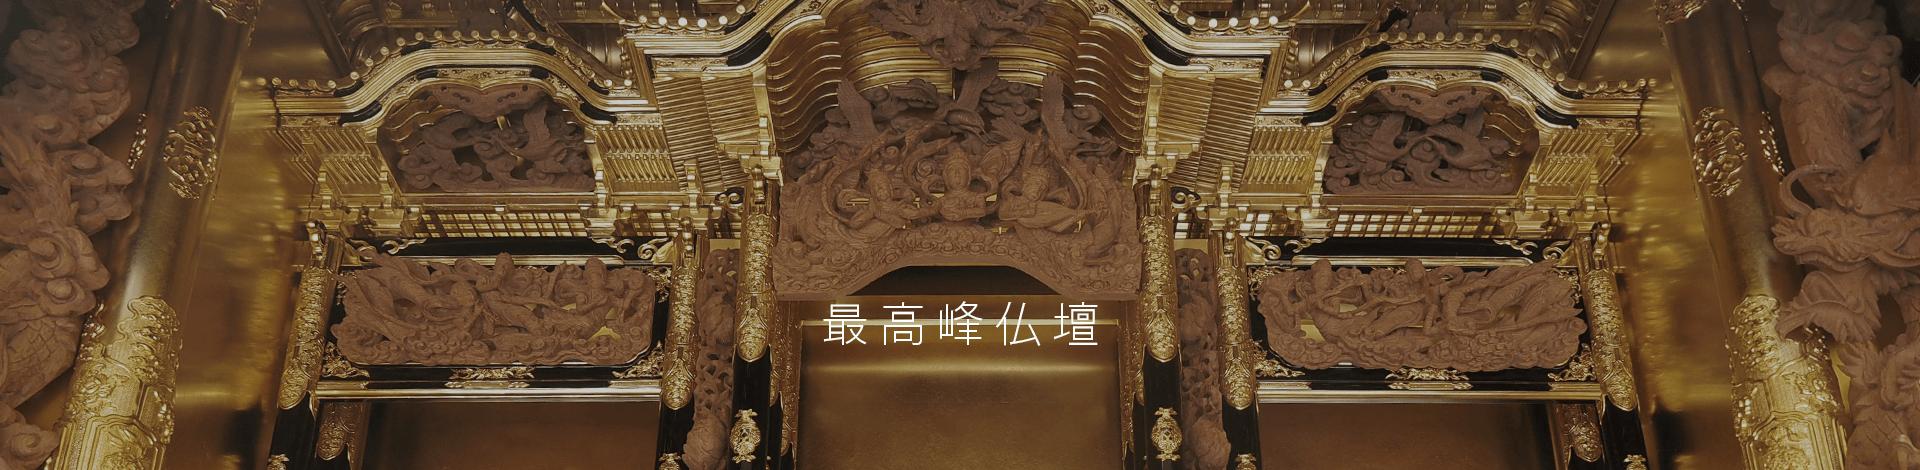 平成の最高峰仏壇をご紹介するページです